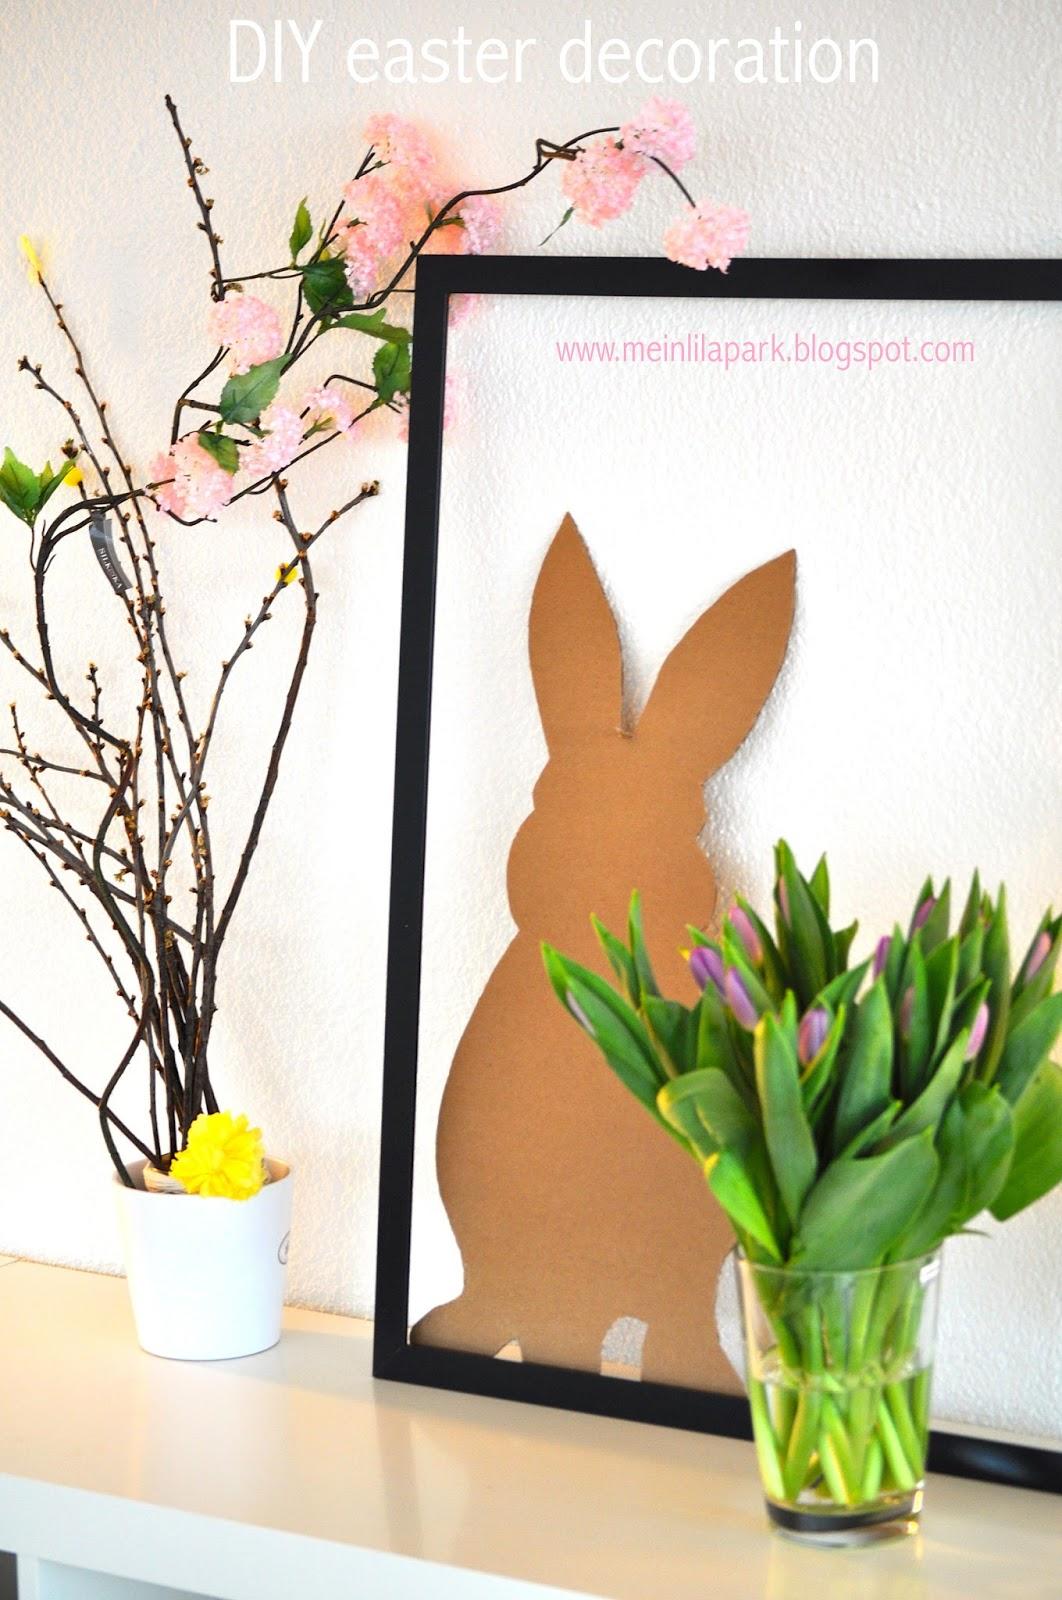 http://1.bp.blogspot.com/-RfEXy0t6WH0/U0FxRBEIbKI/AAAAAAAAdIE/PHvS6A8l2gk/s1600/DIYcardboard_bunny_pic2e.jpg